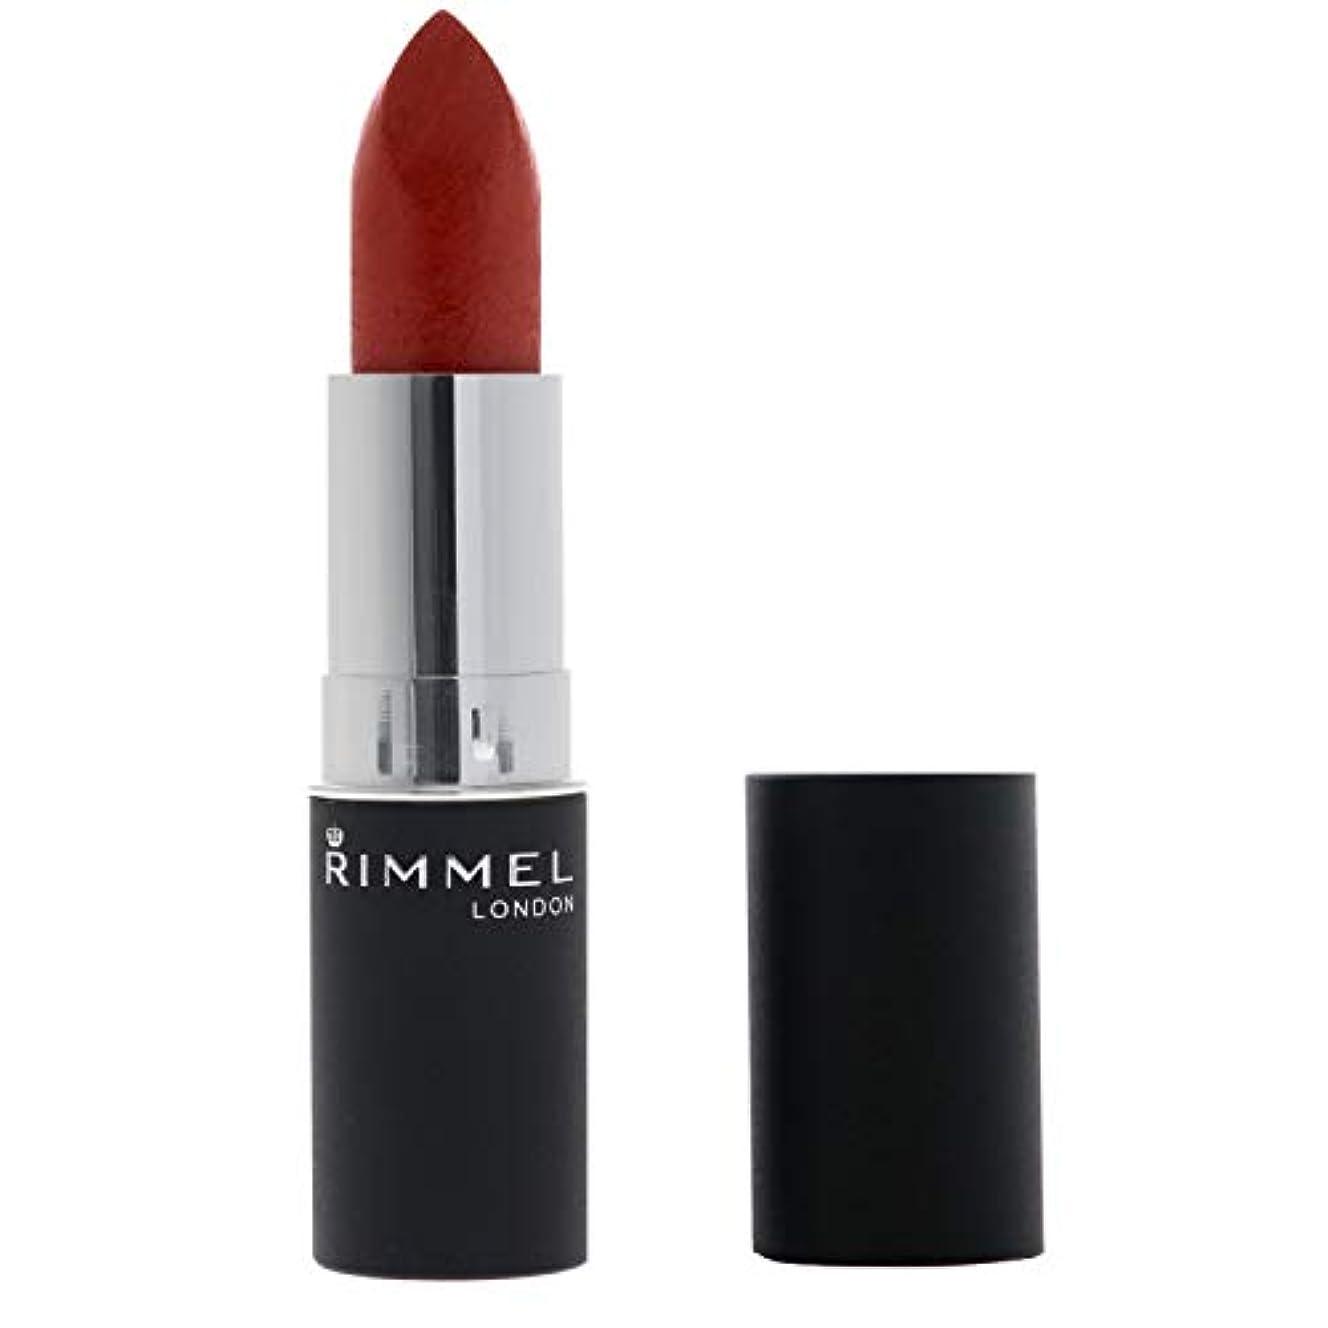 チロ暖かさ慣れるRimmel (リンメル) リンメル マシュマロルック リップスティック 032 ブラウンレッド 3.8g 口紅